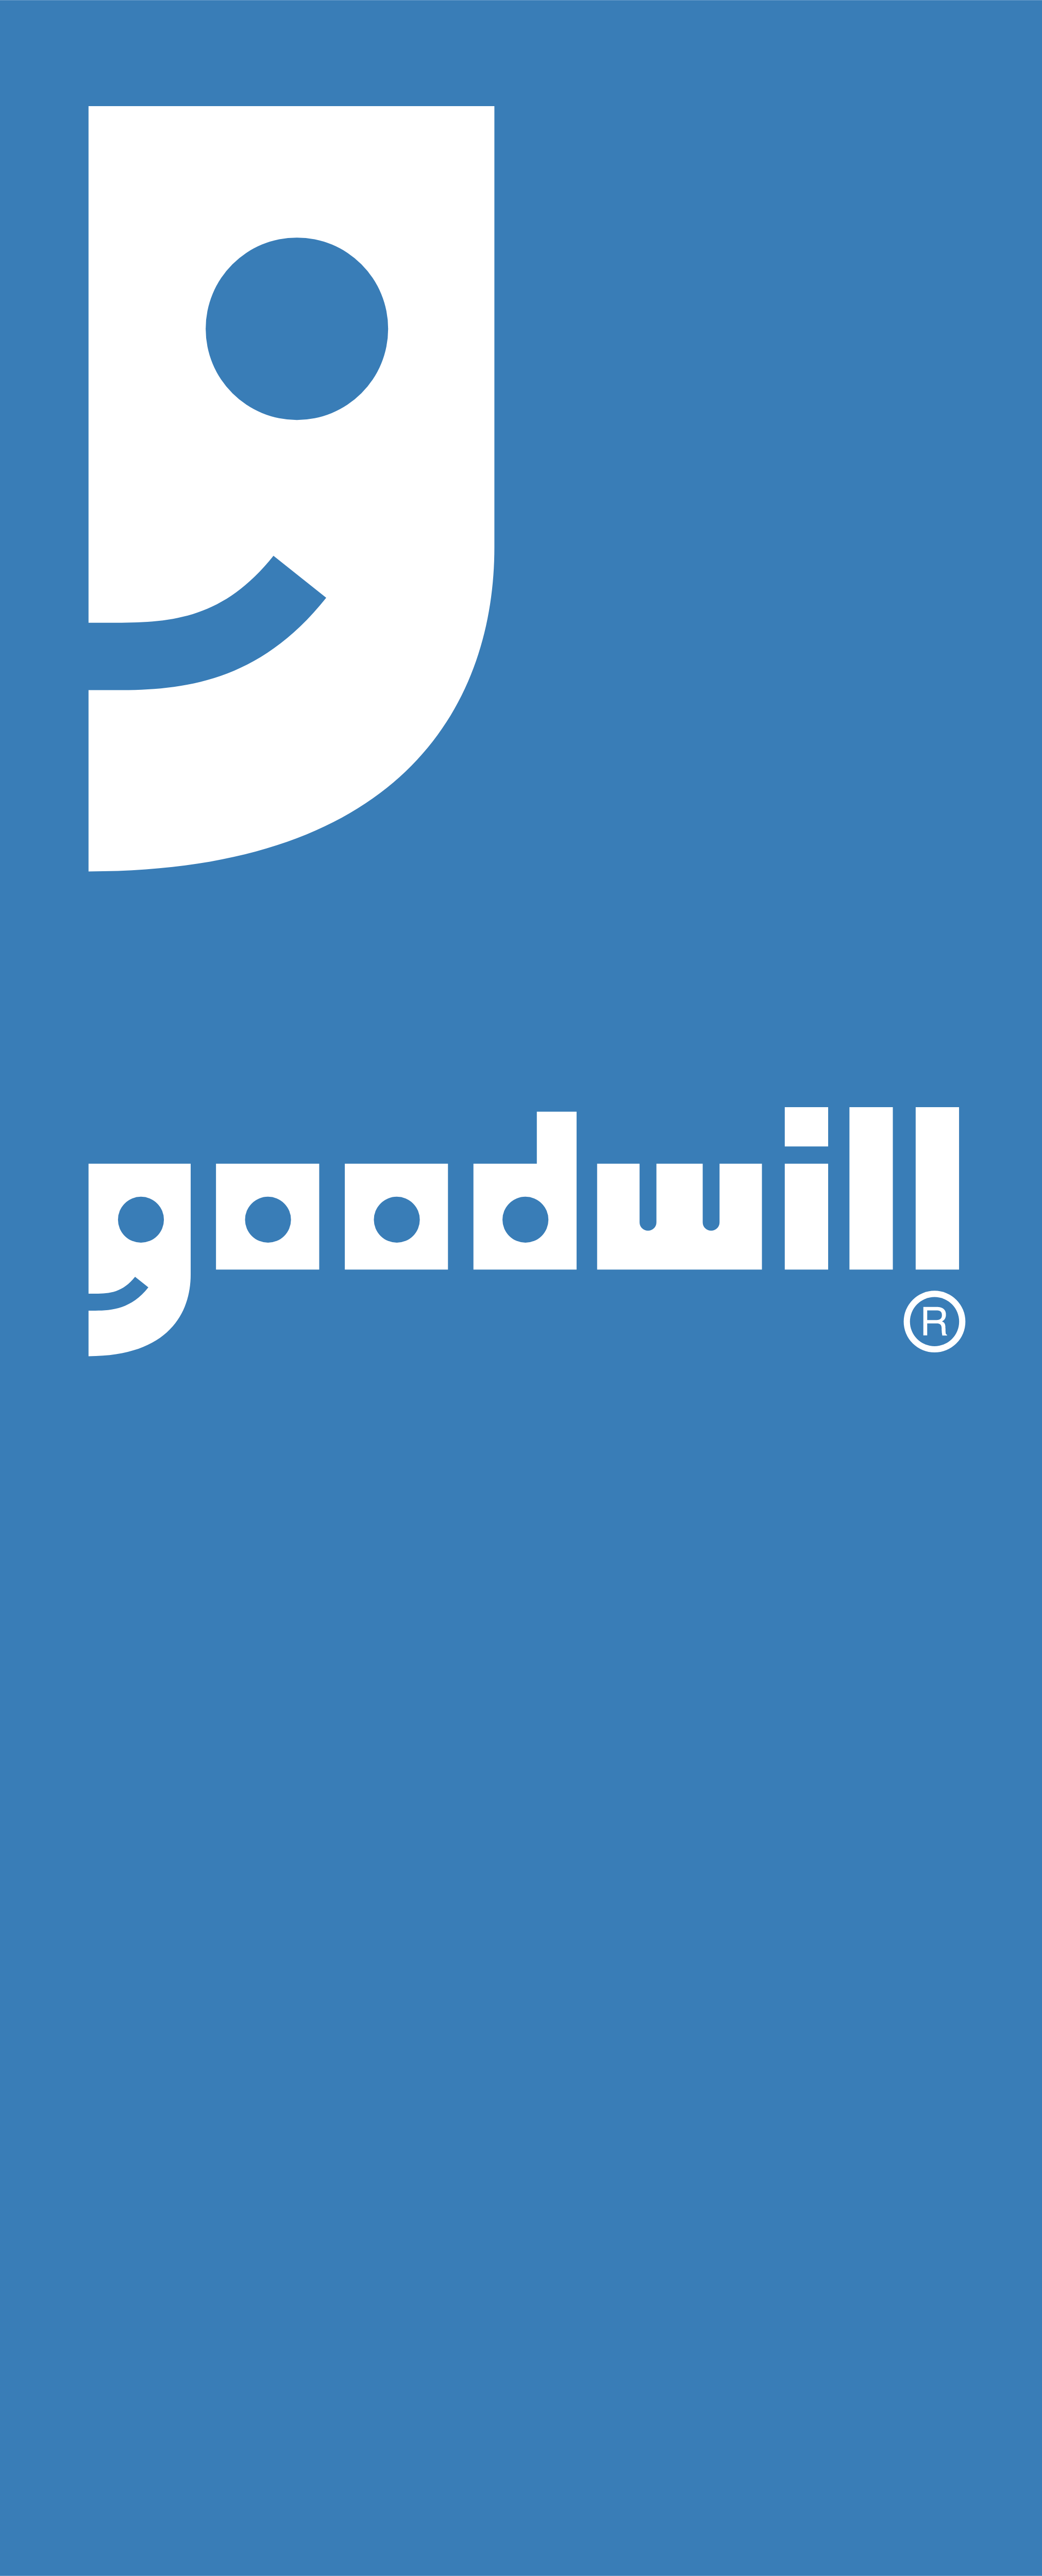 Goodwill.